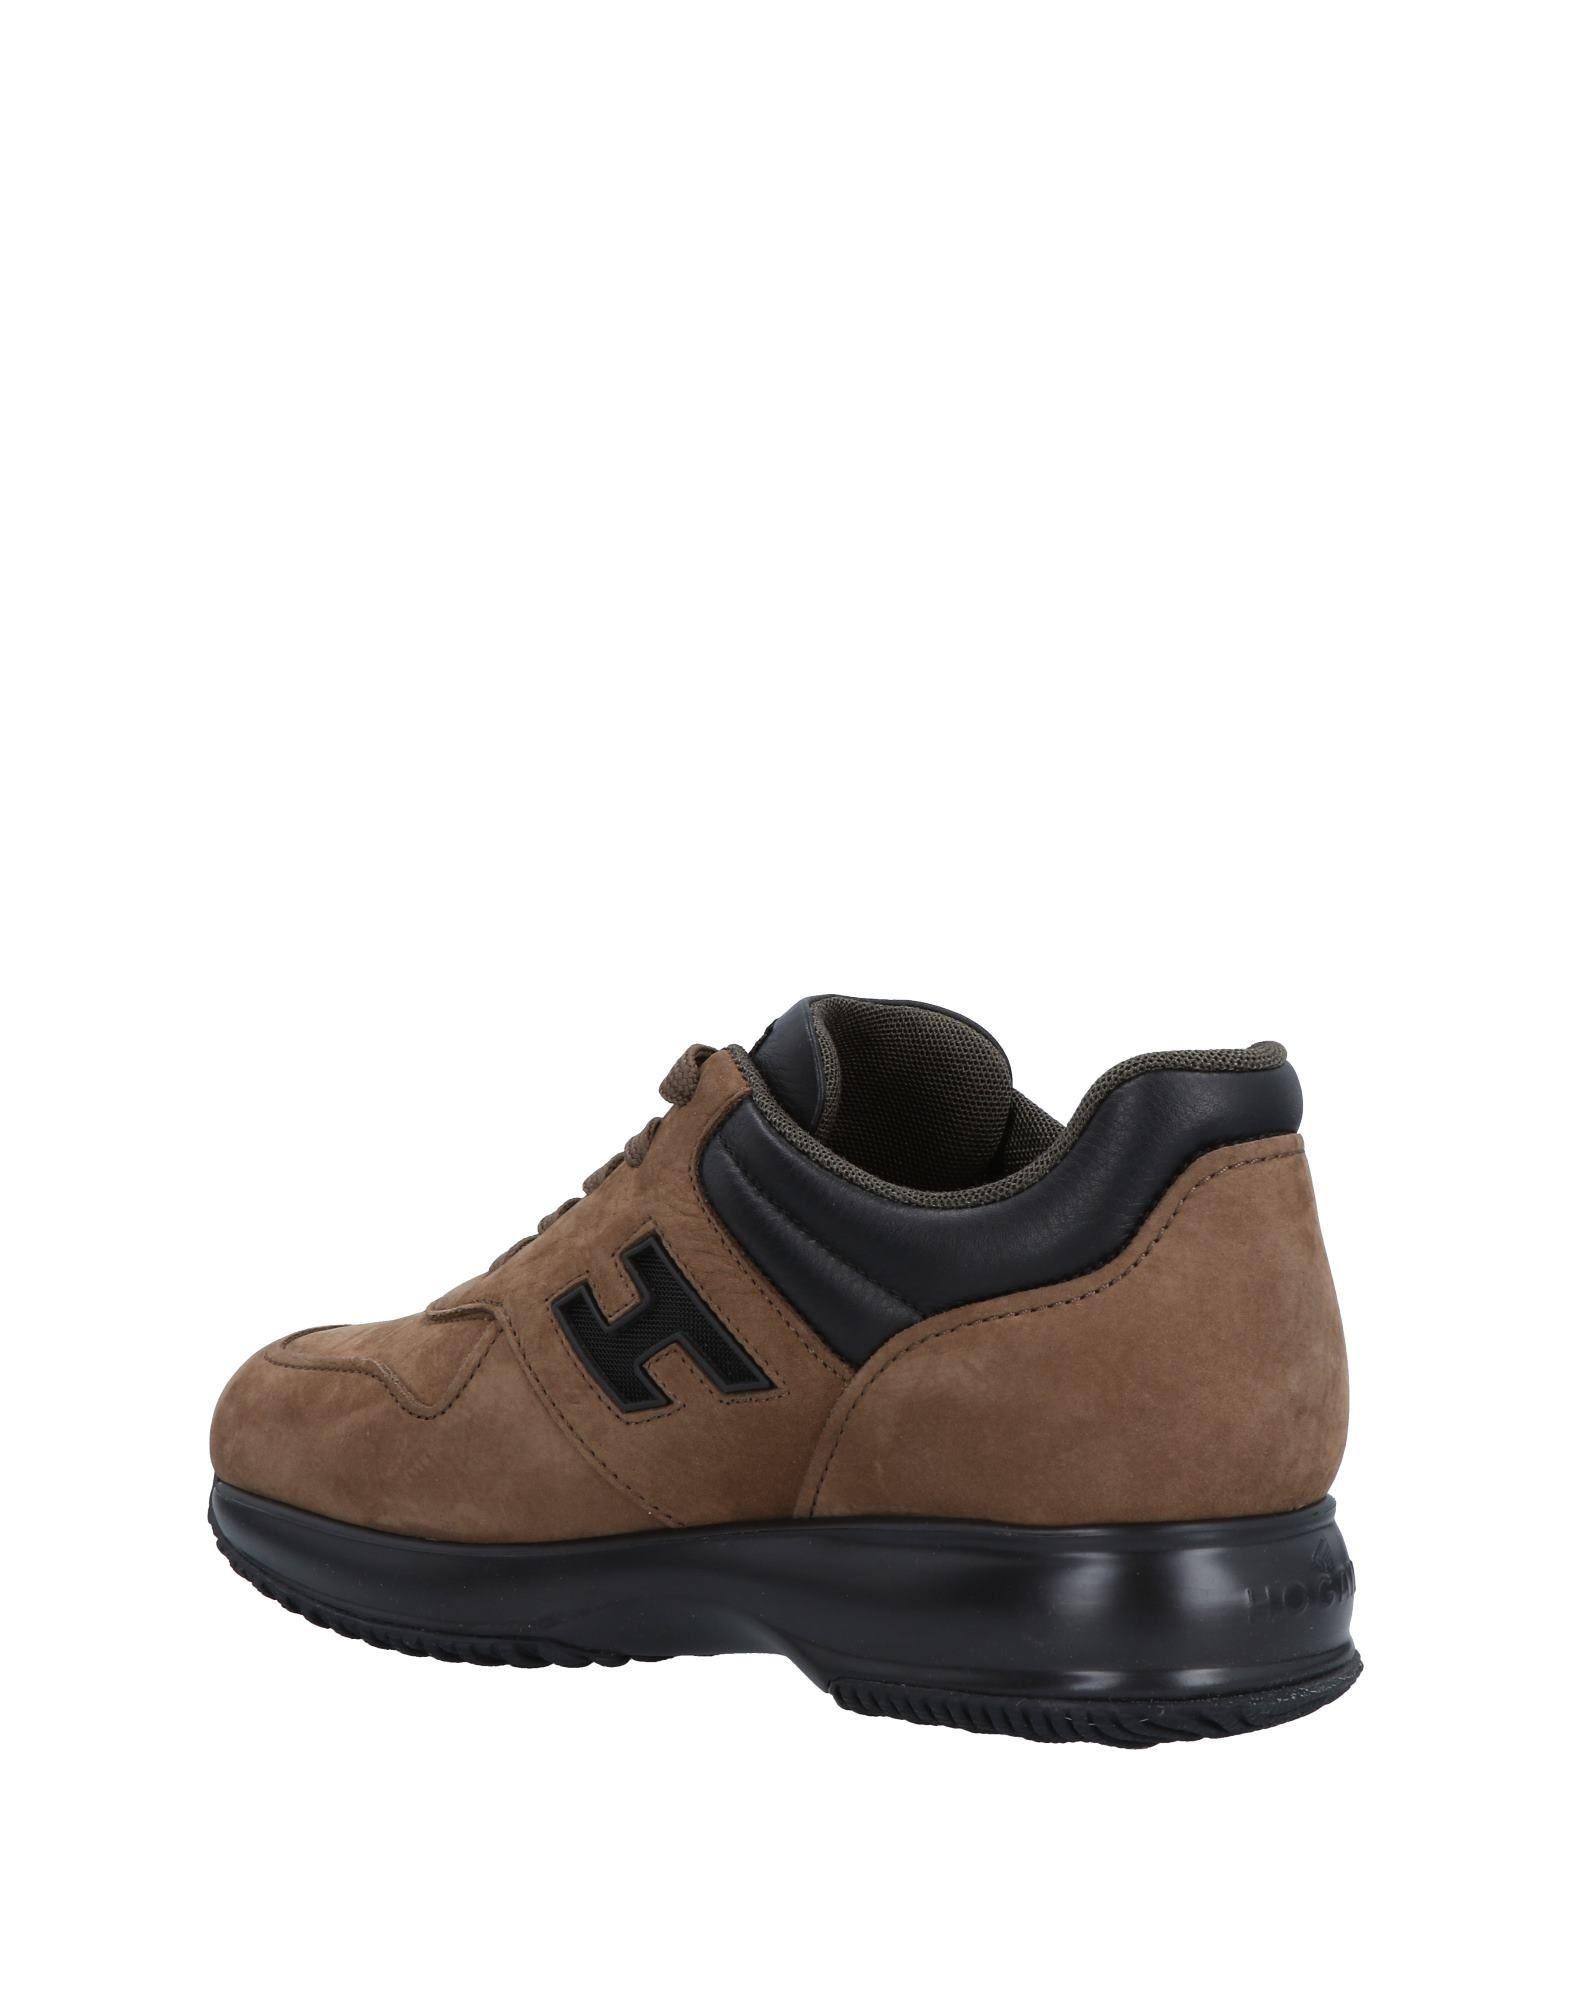 Hogan Sneakers - Men Hogan Sneakers online on    United Kingdom - 11486110DT 9dae4d